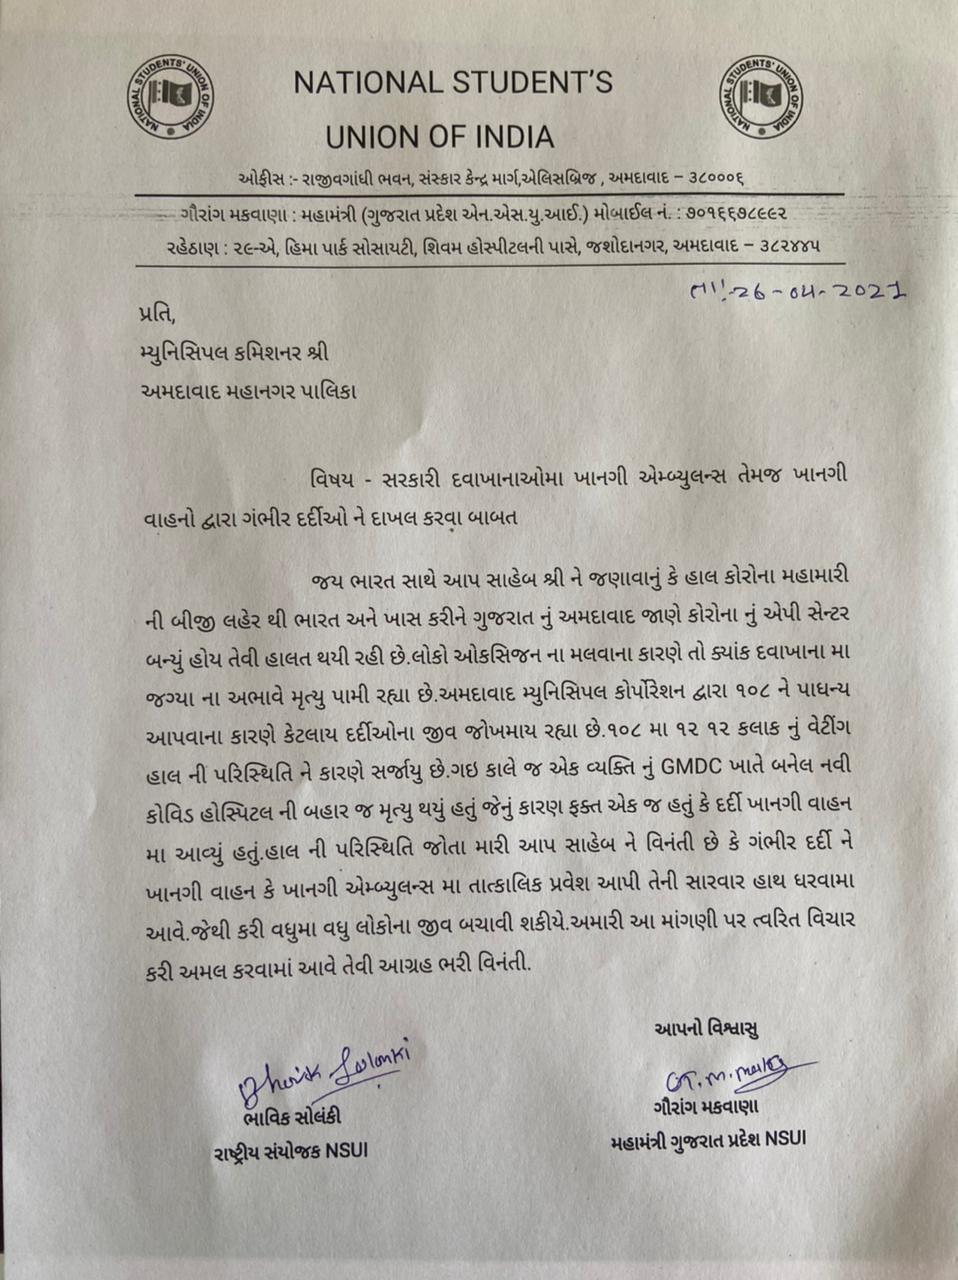 NSUI દ્વારા લખવામાં આવેલો પત્ર